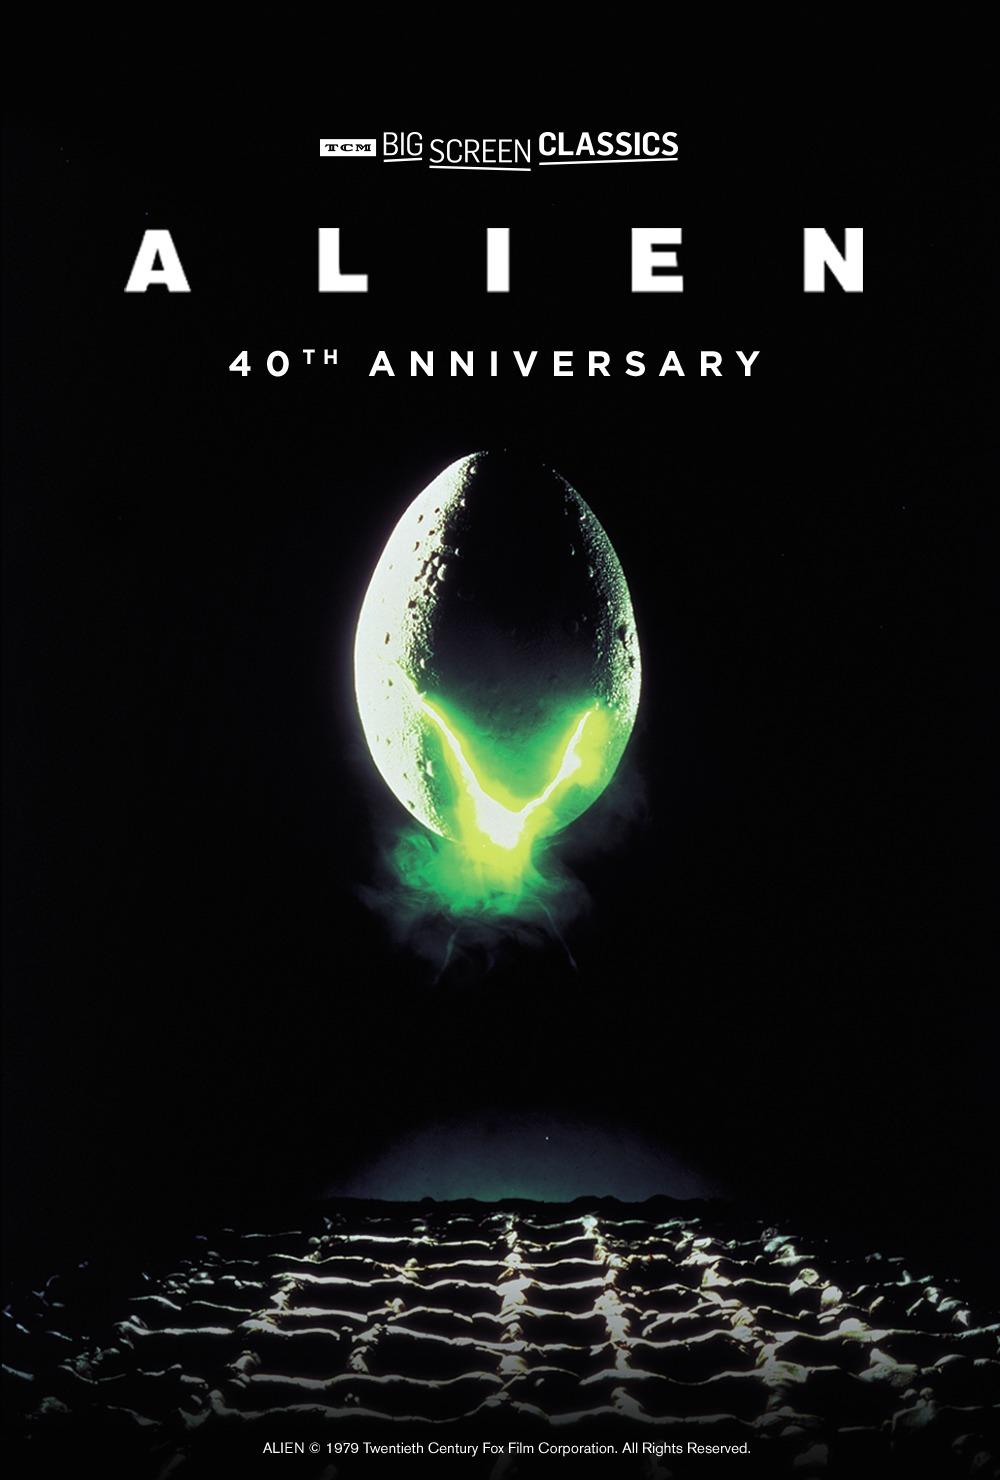 alien-poster-6767a5bf19b5b360666528b2d255ccbc.jpg